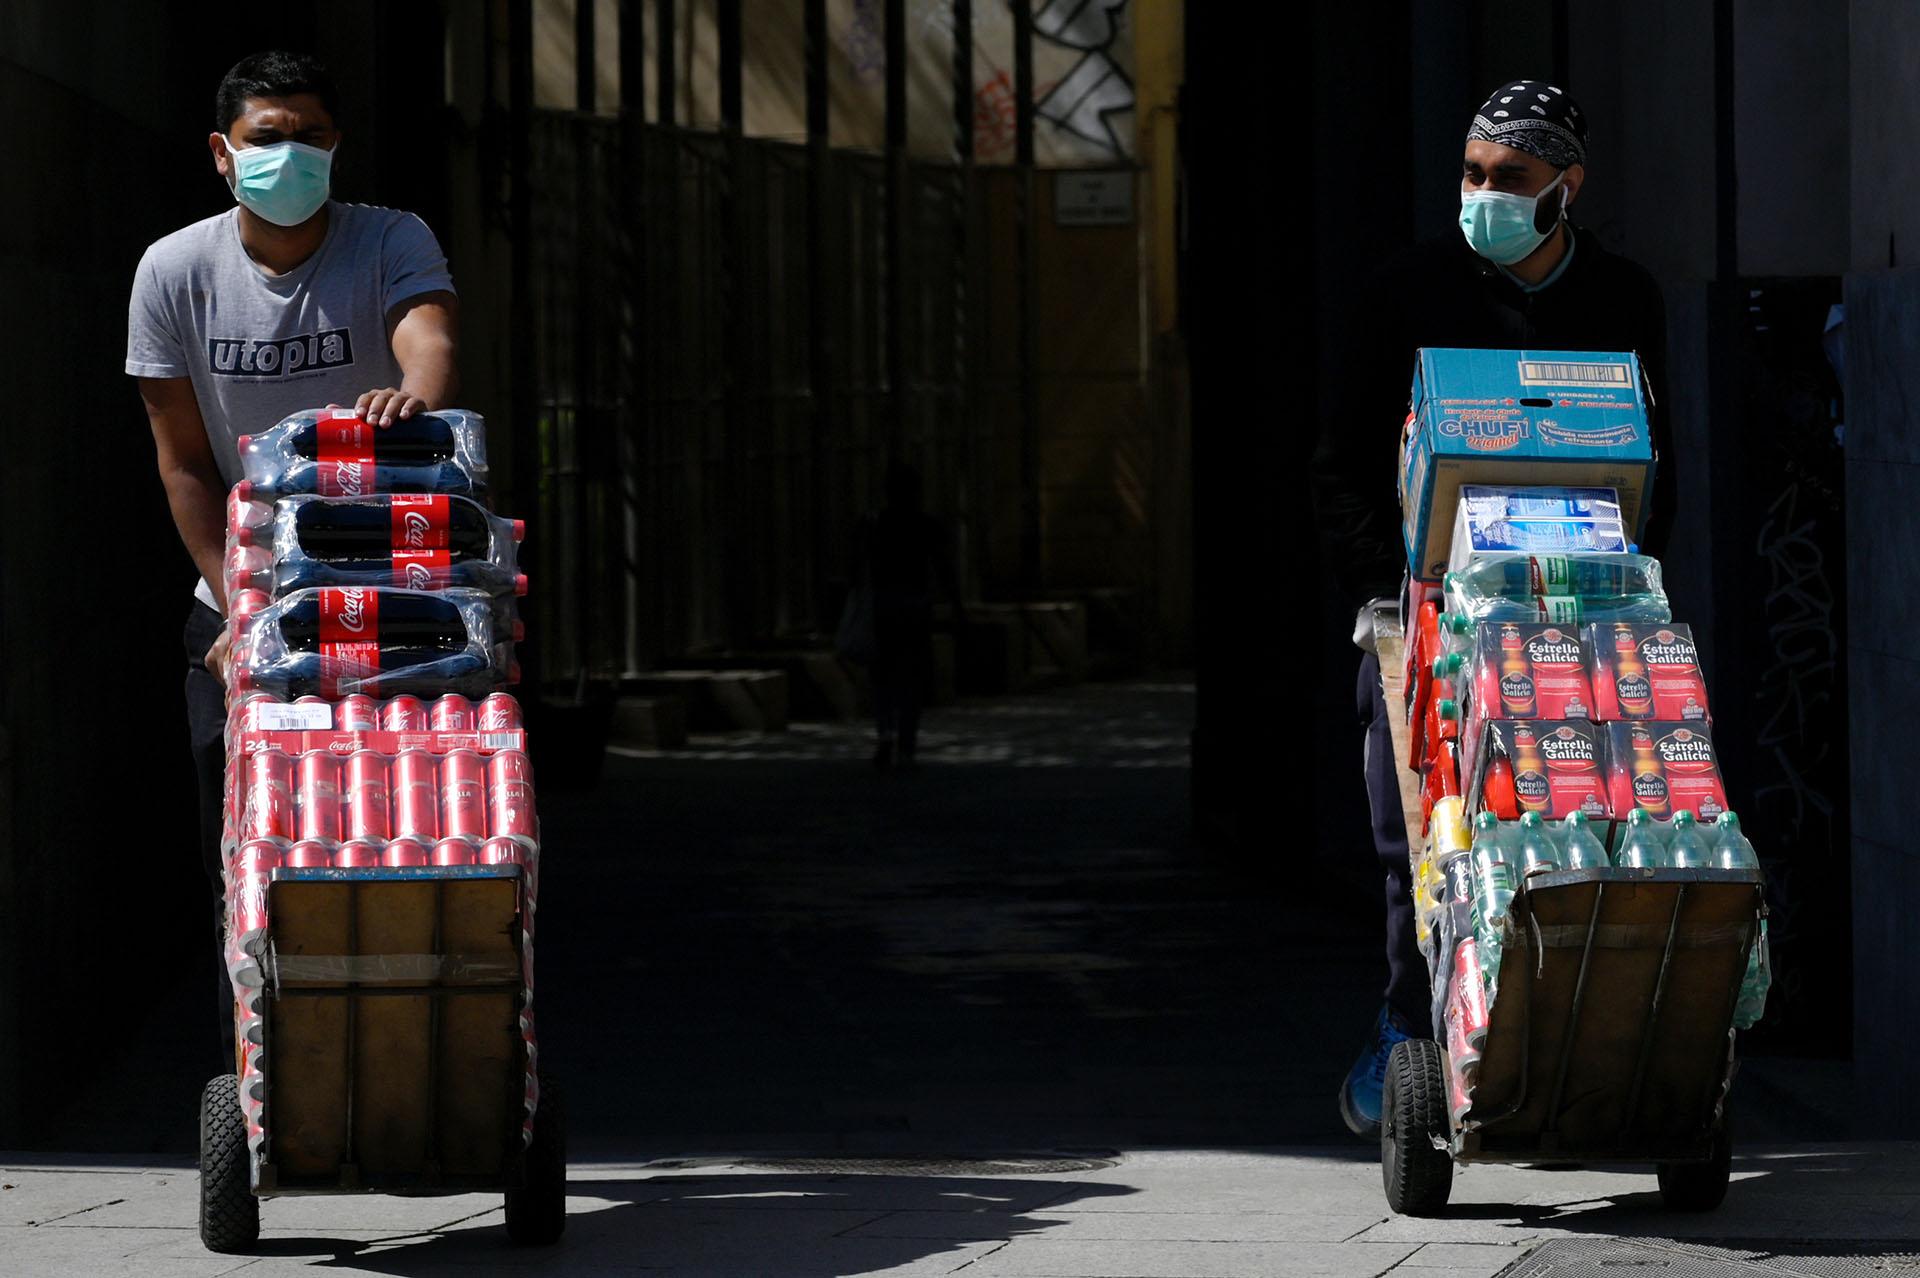 Dos proveedores de bebidas llevan su carga en una calle de Barcelona, España.